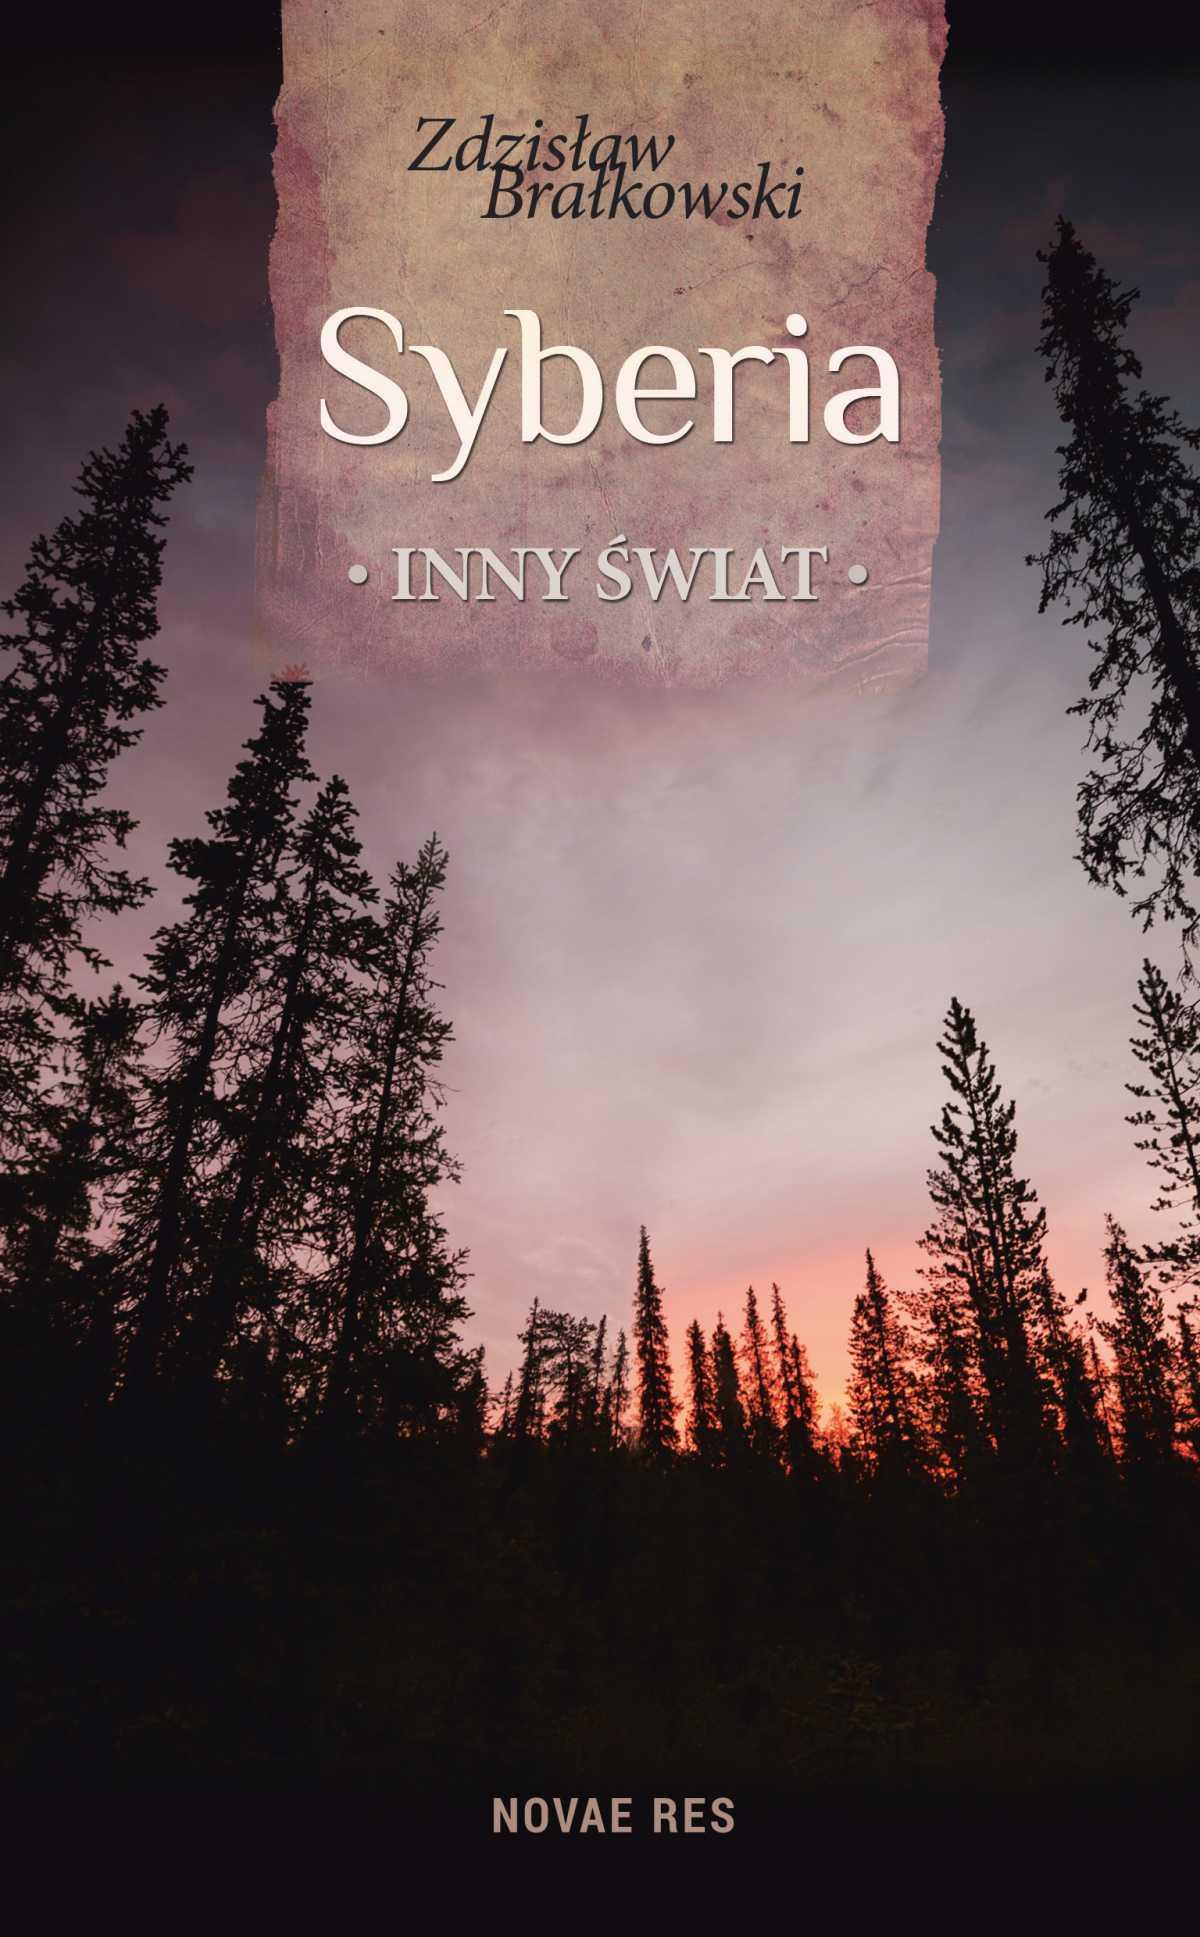 Syberia, inny świat - Ebook (Książka na Kindle) do pobrania w formacie MOBI